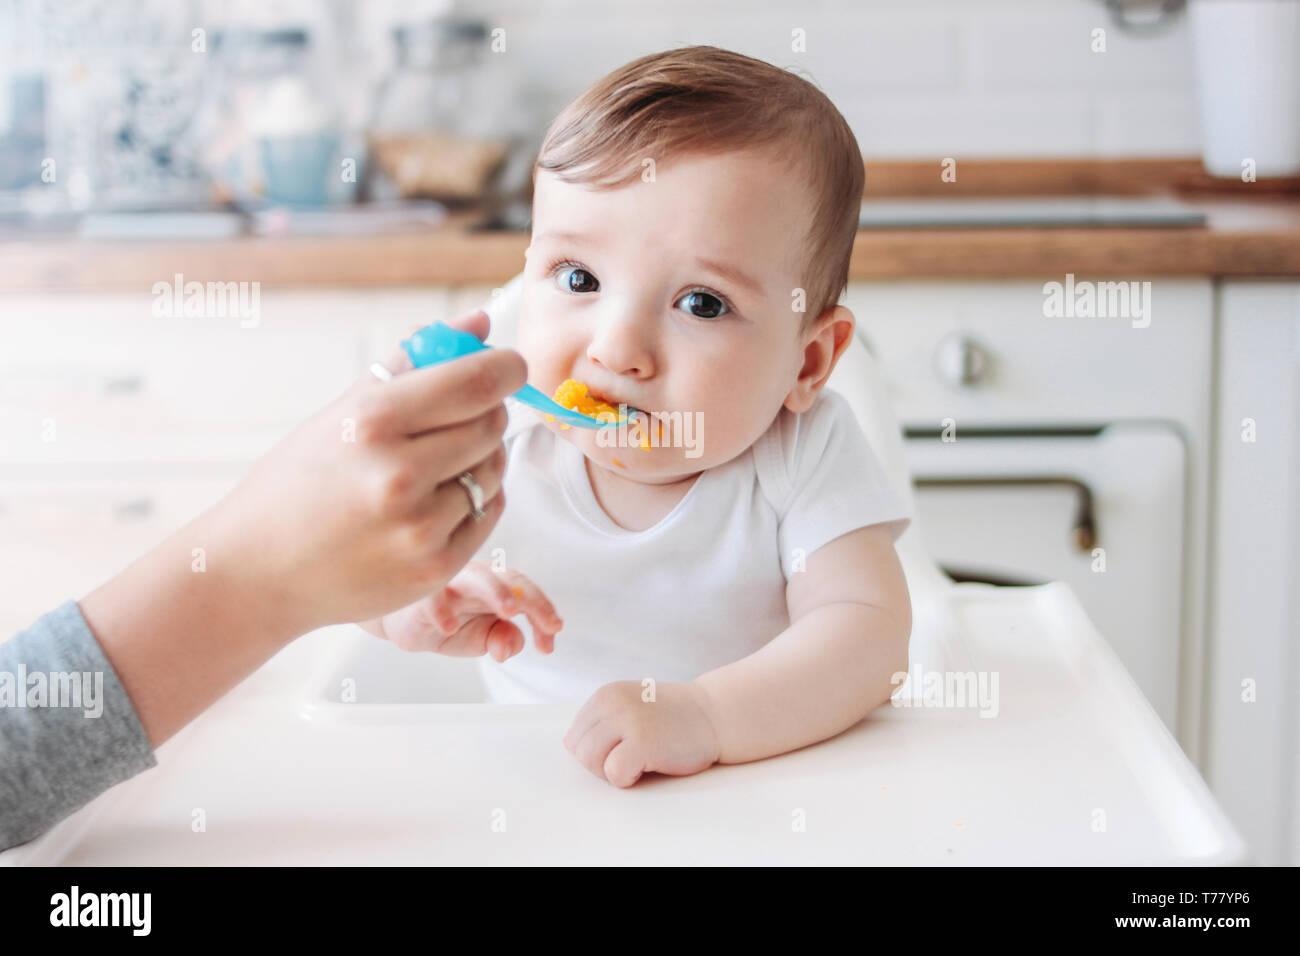 Charmantes kleines Baby Boy 6-8 Monate essen zunächst Essen Kürbis vom Löffel zu Hause Stockfoto